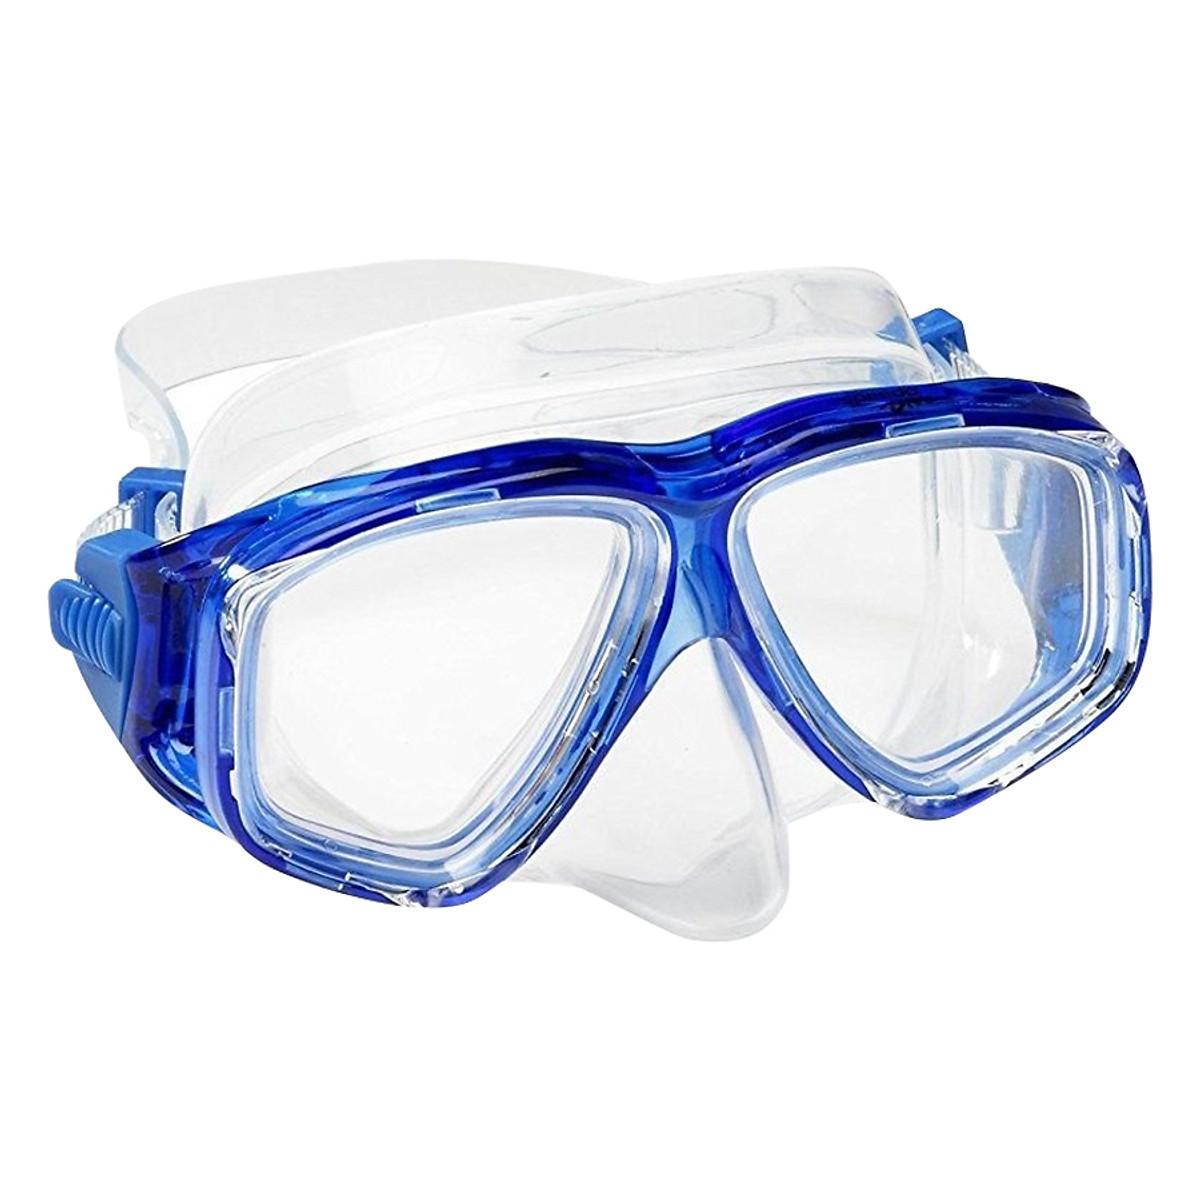 Mặt Nạ Lặn Ống Thở, Cận 6.0 Độ, Mắt Kính Cường Lực, Ống Thở Ngăn Nước POPO Myopia-Mask-Set-6.0 - 1